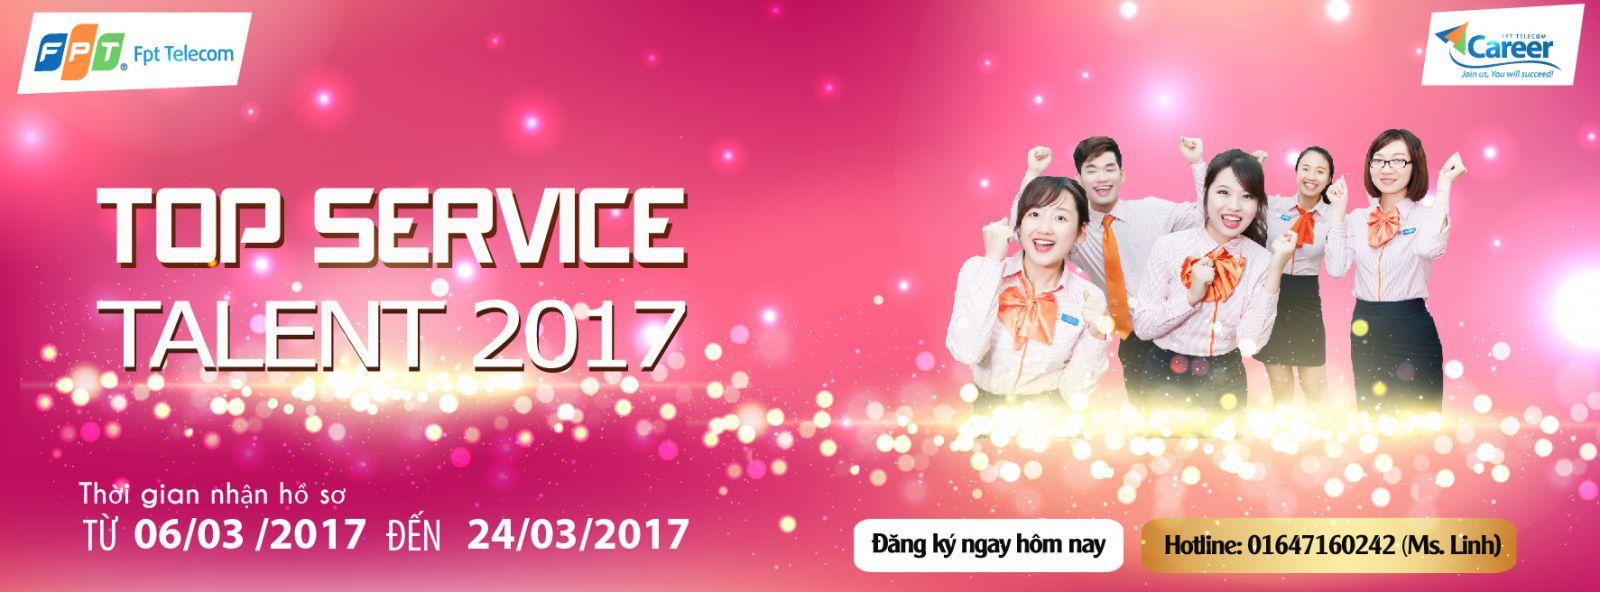 top service talent fpt telecom 2017